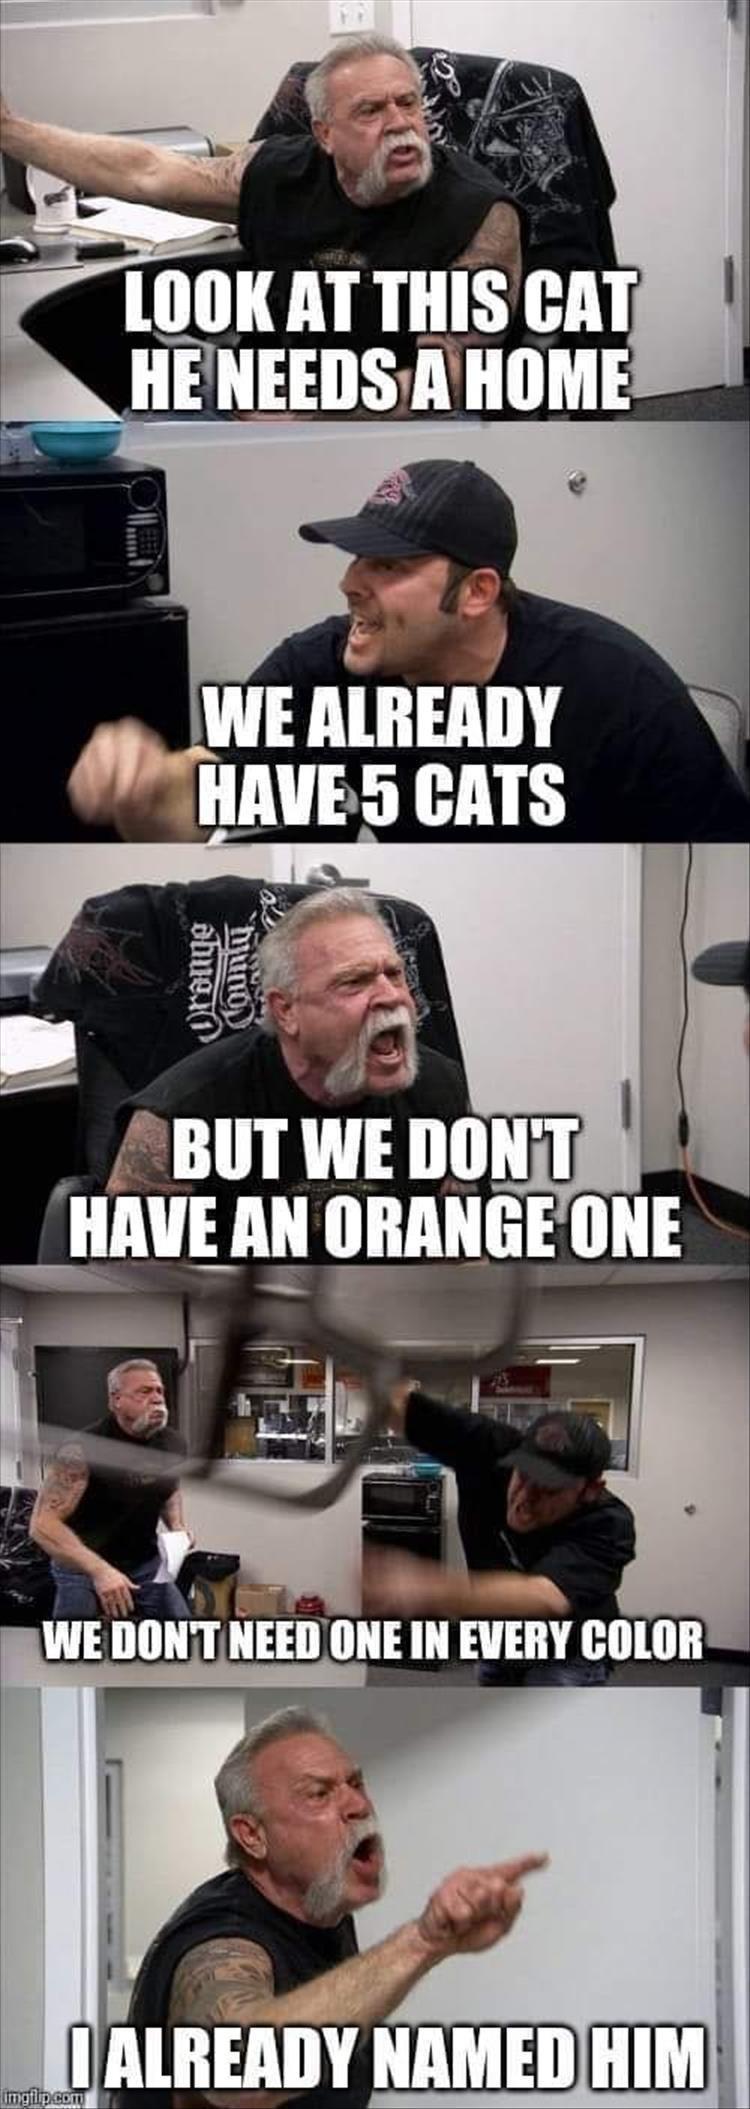 cat memes - 9395969280